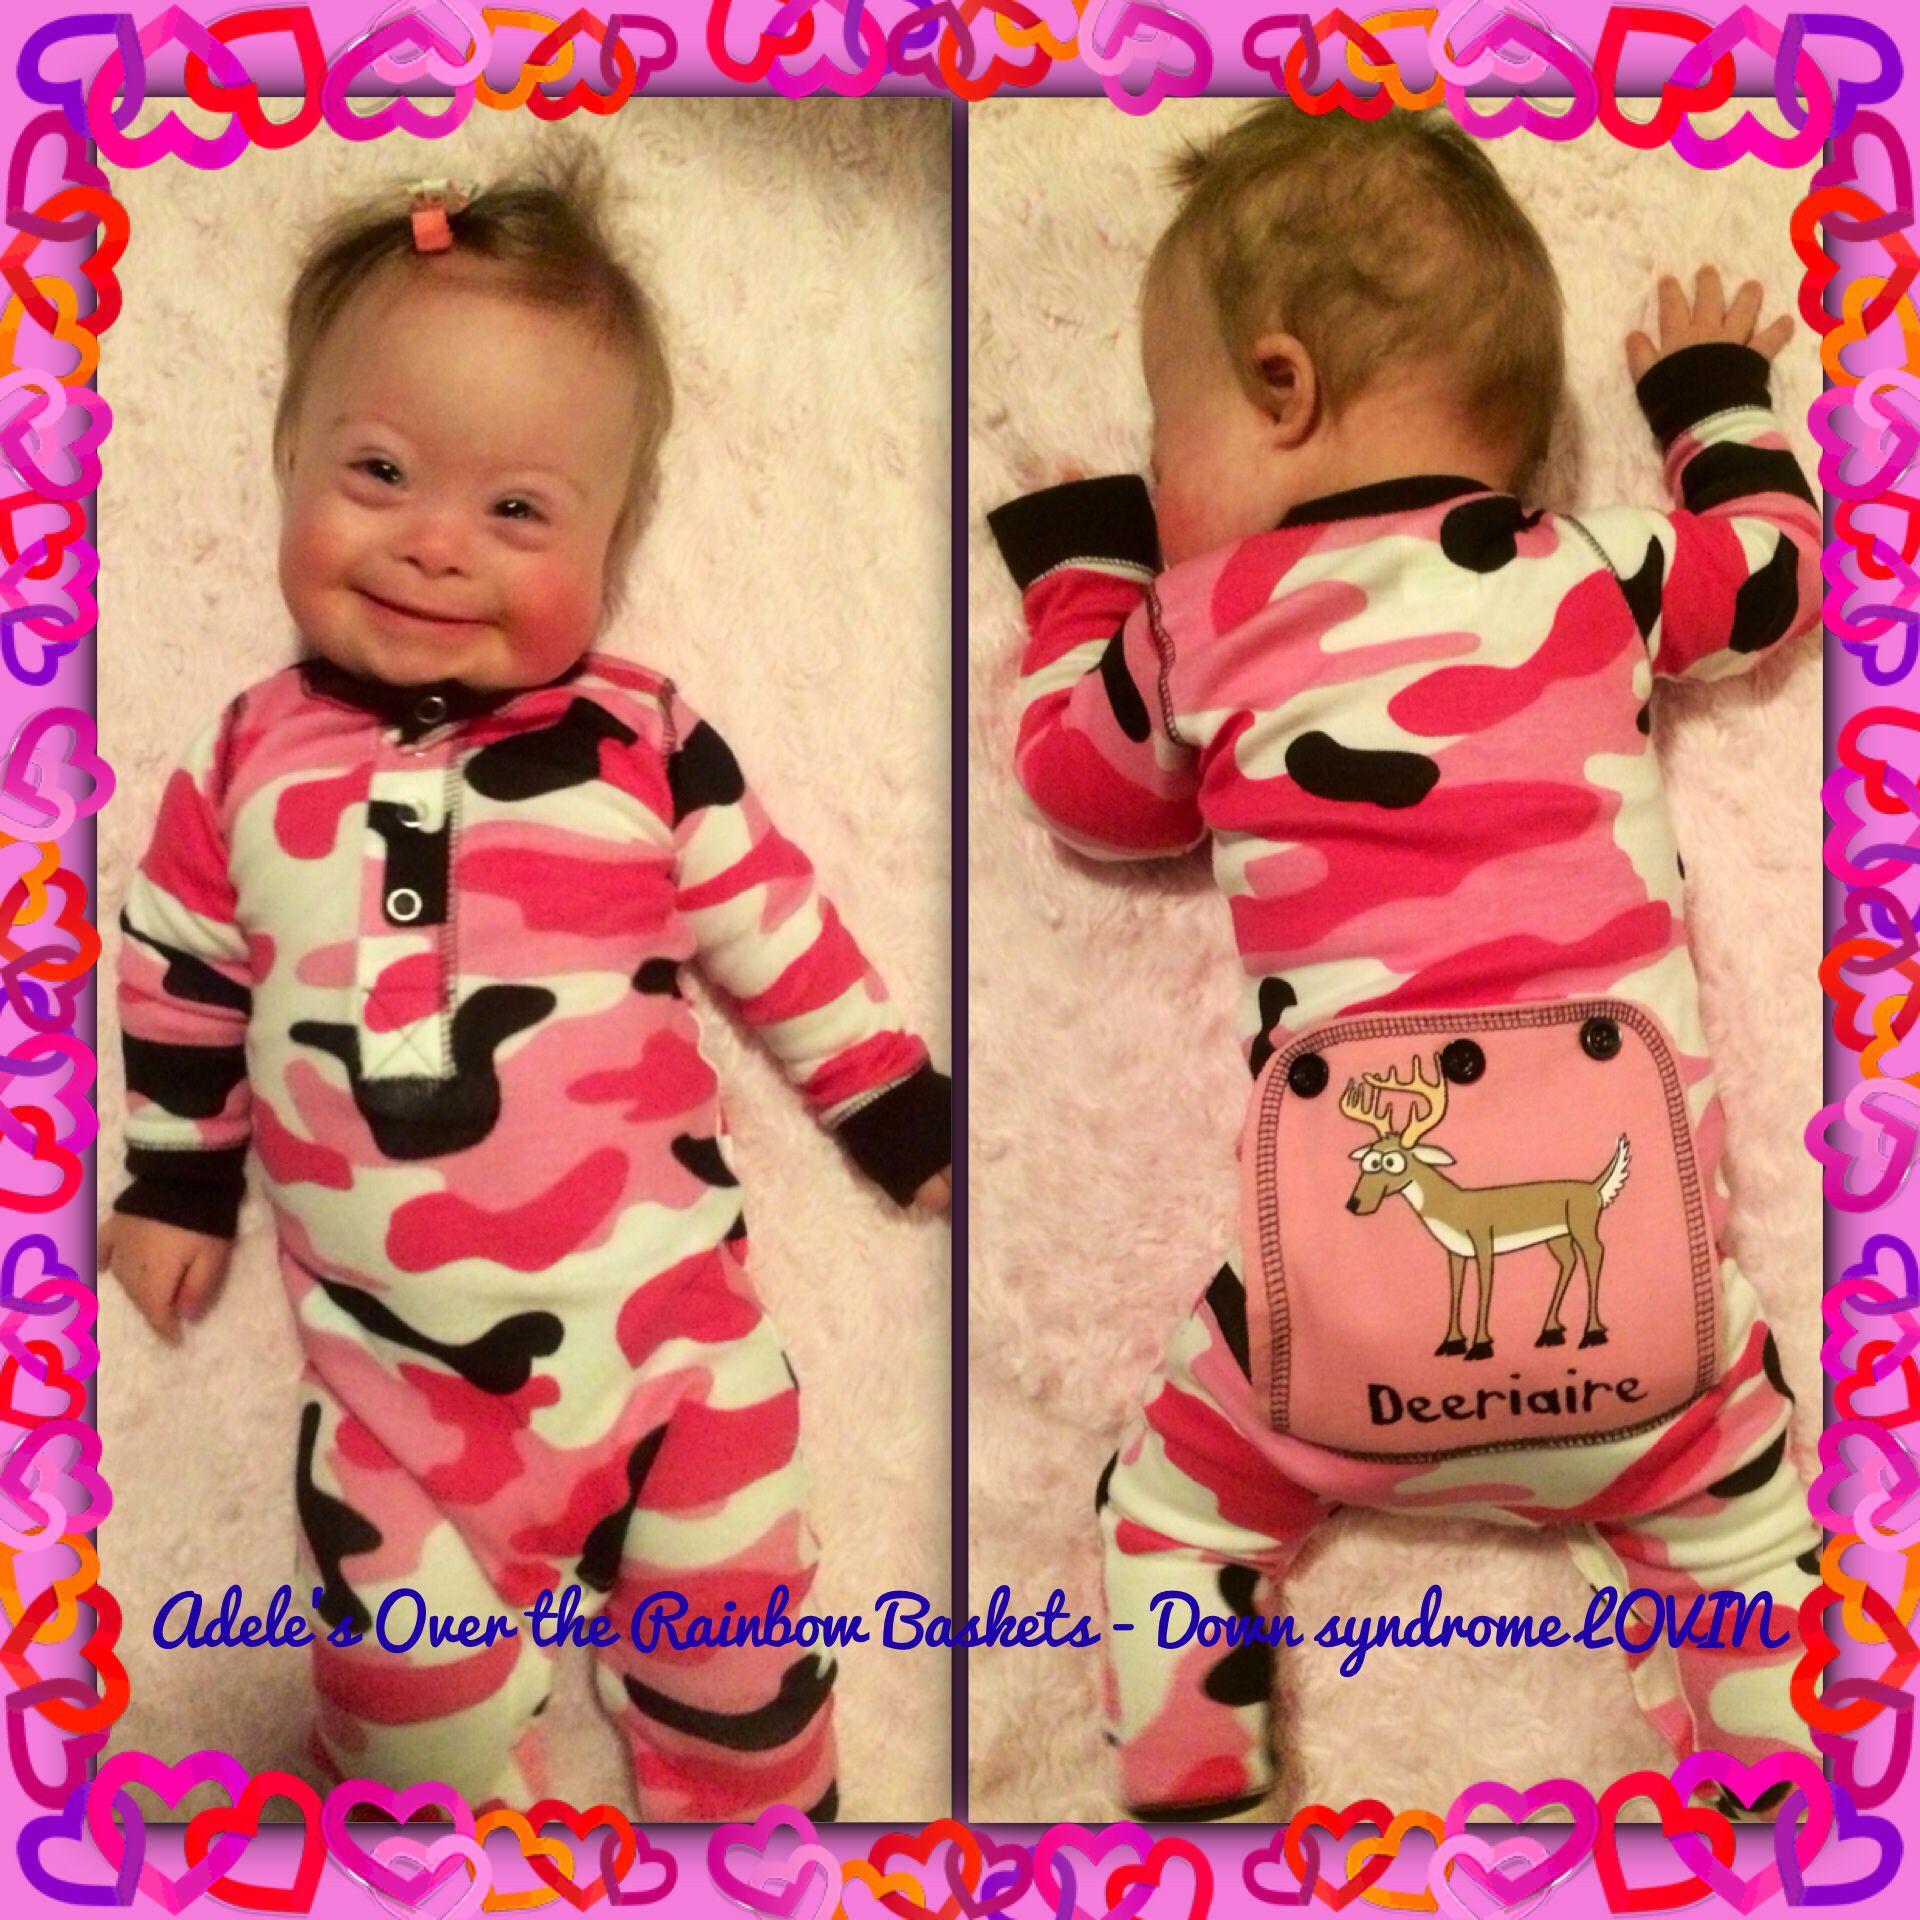 Down syndrome princess My new pyjamas